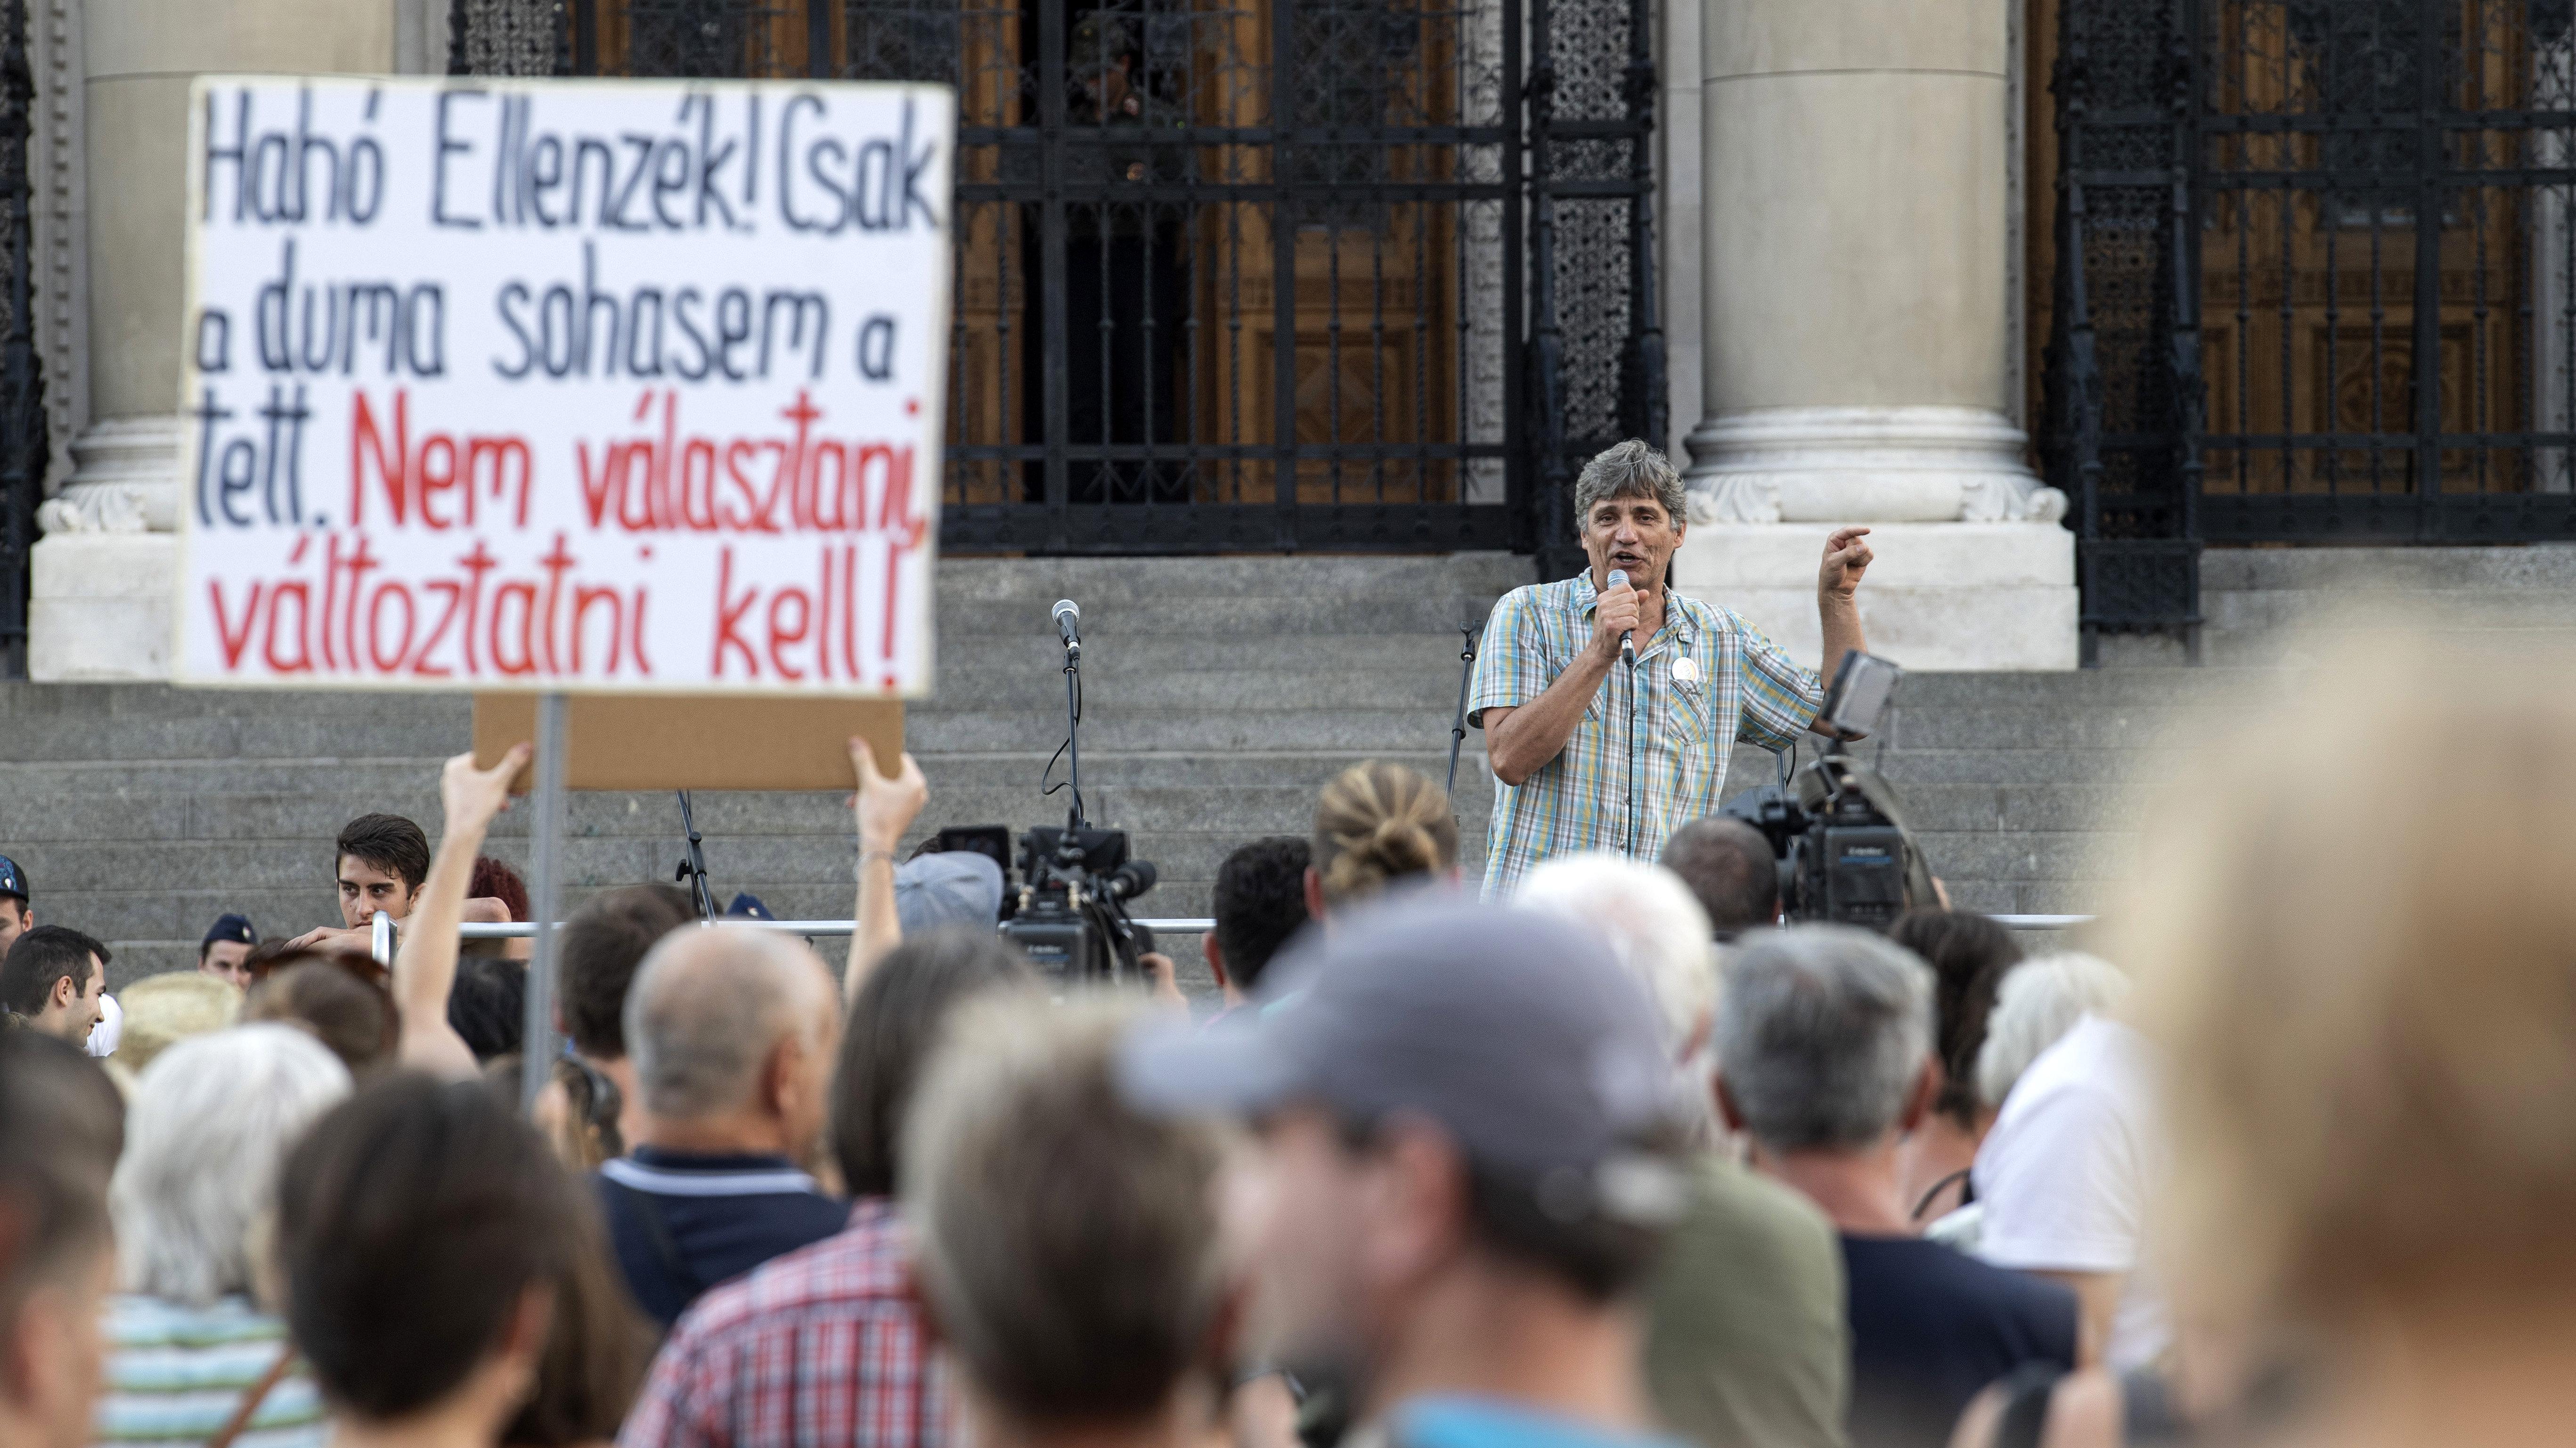 Studentenstreik: Bildungsstruktur ähnelt dem System aus der kommunistischen Zeit post's picture